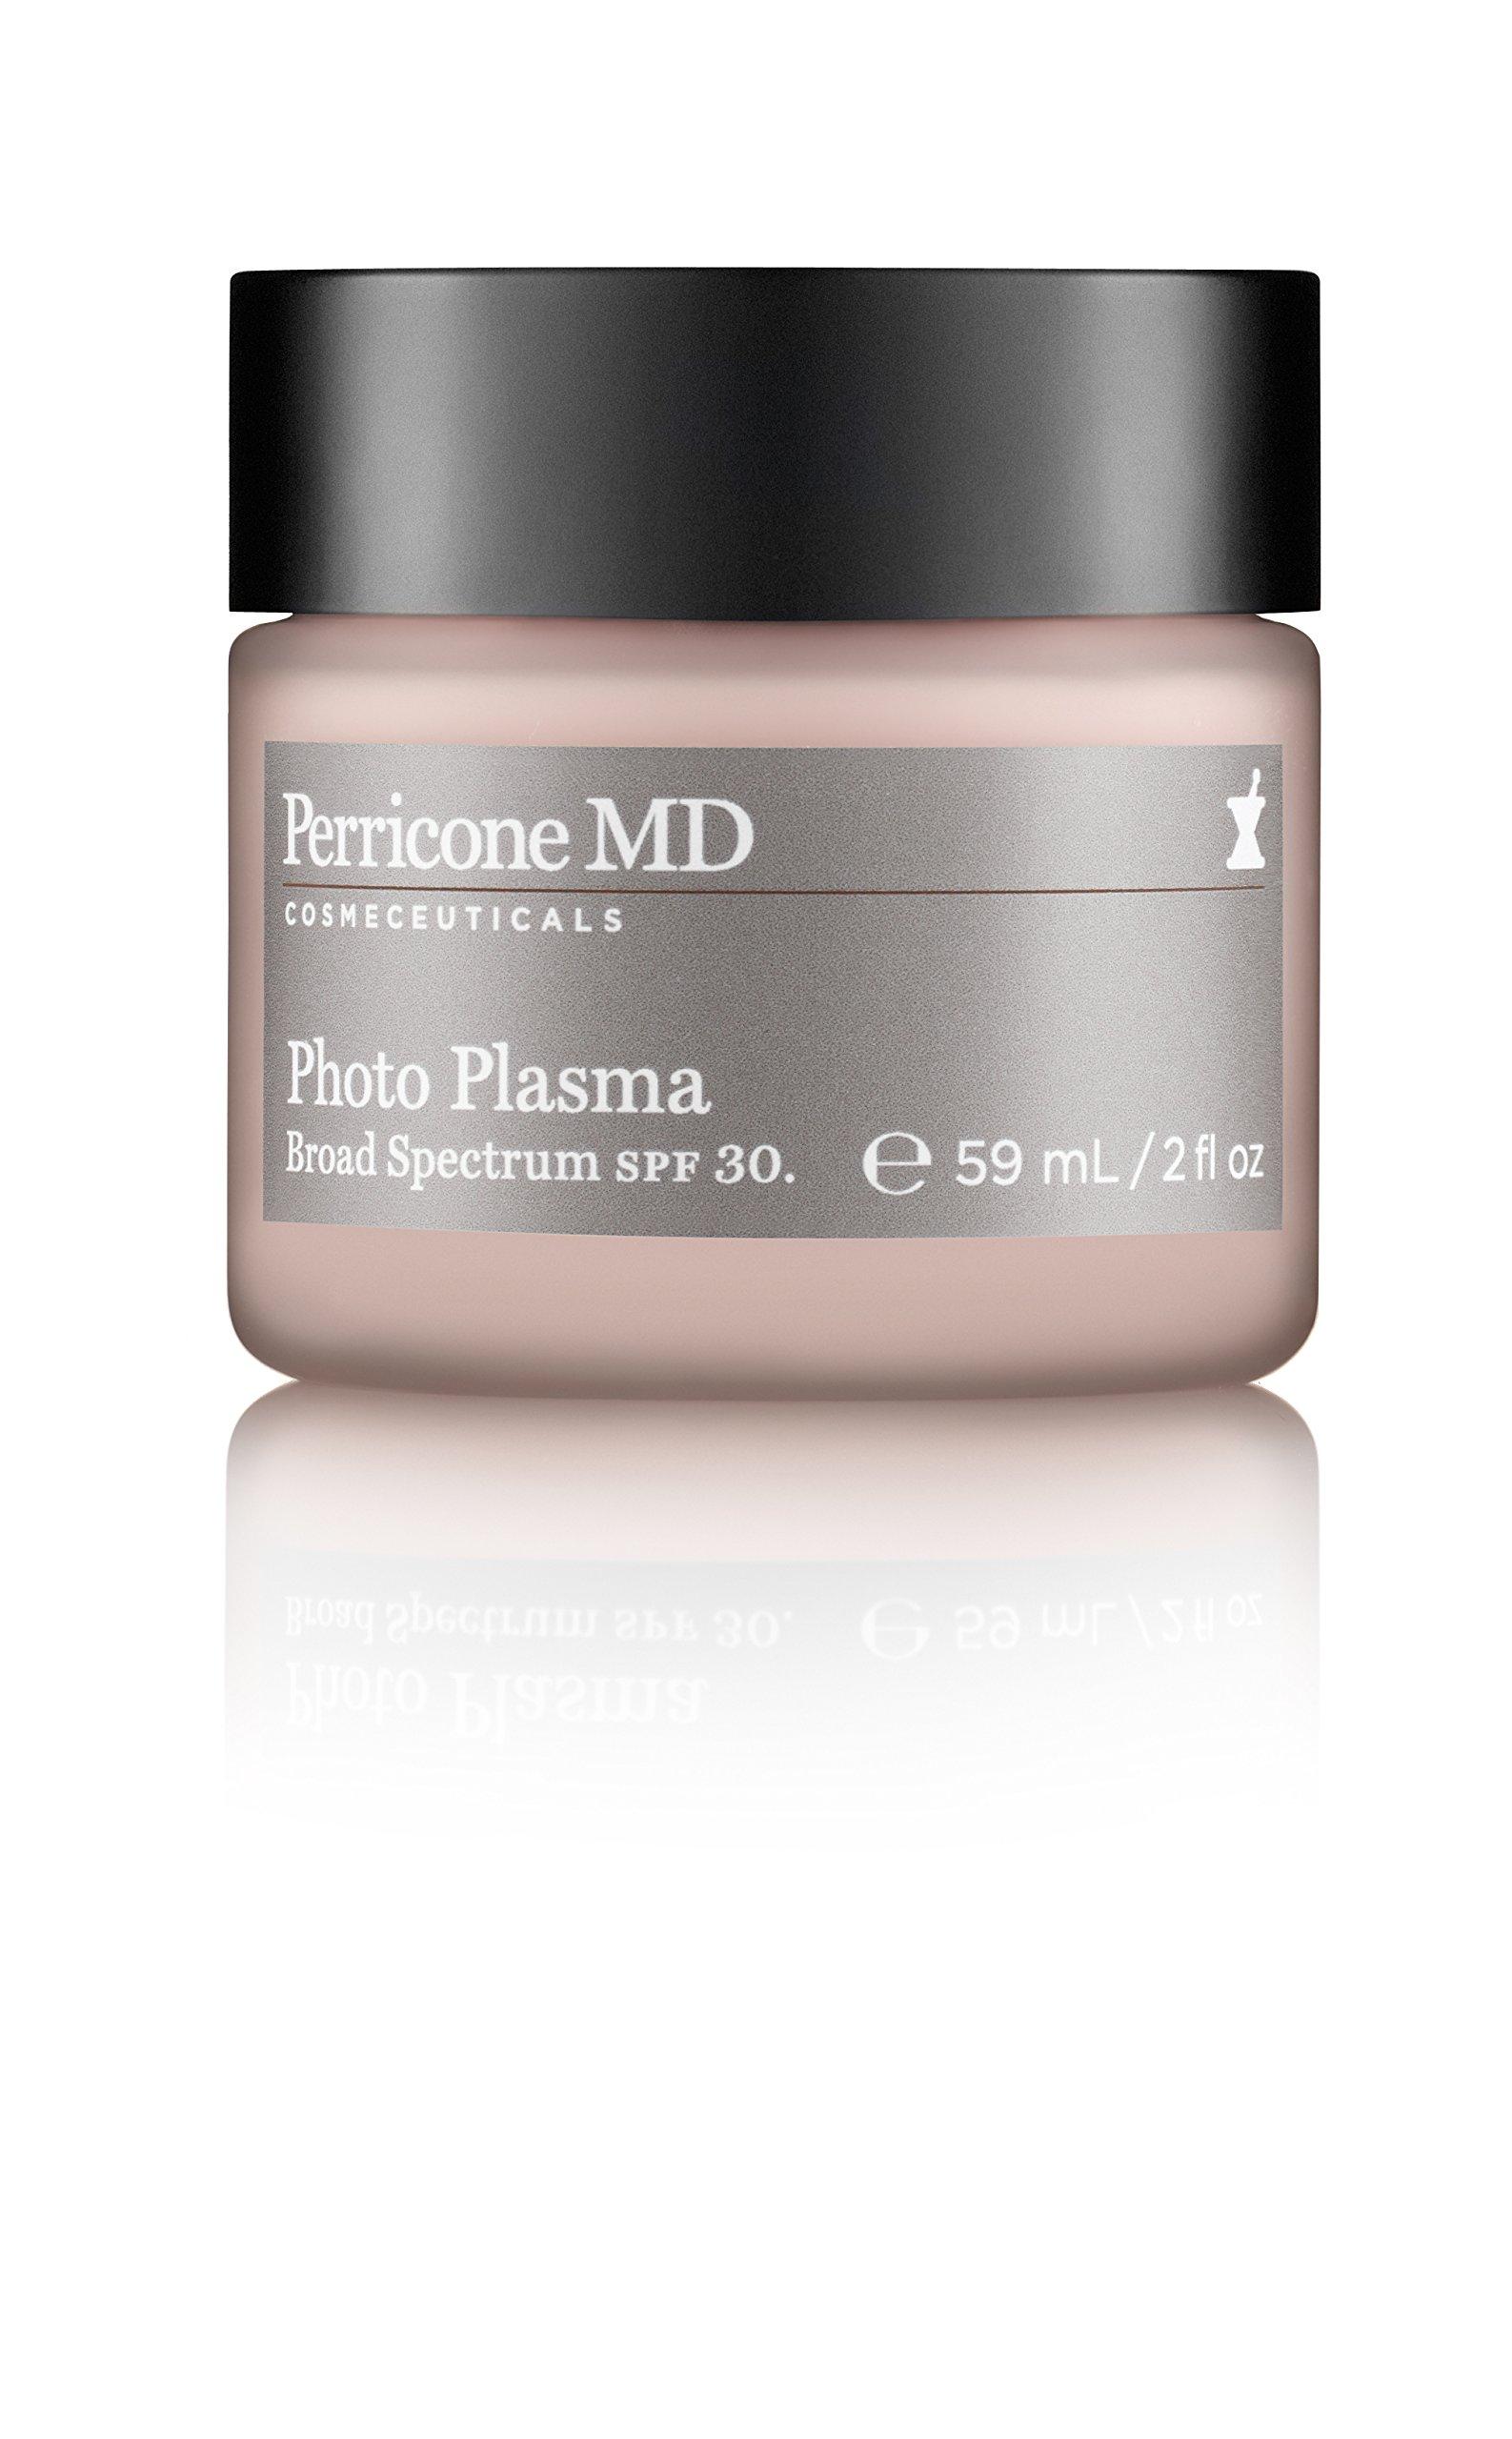 Perricone MD Photo Plasma, 2 fl. oz.